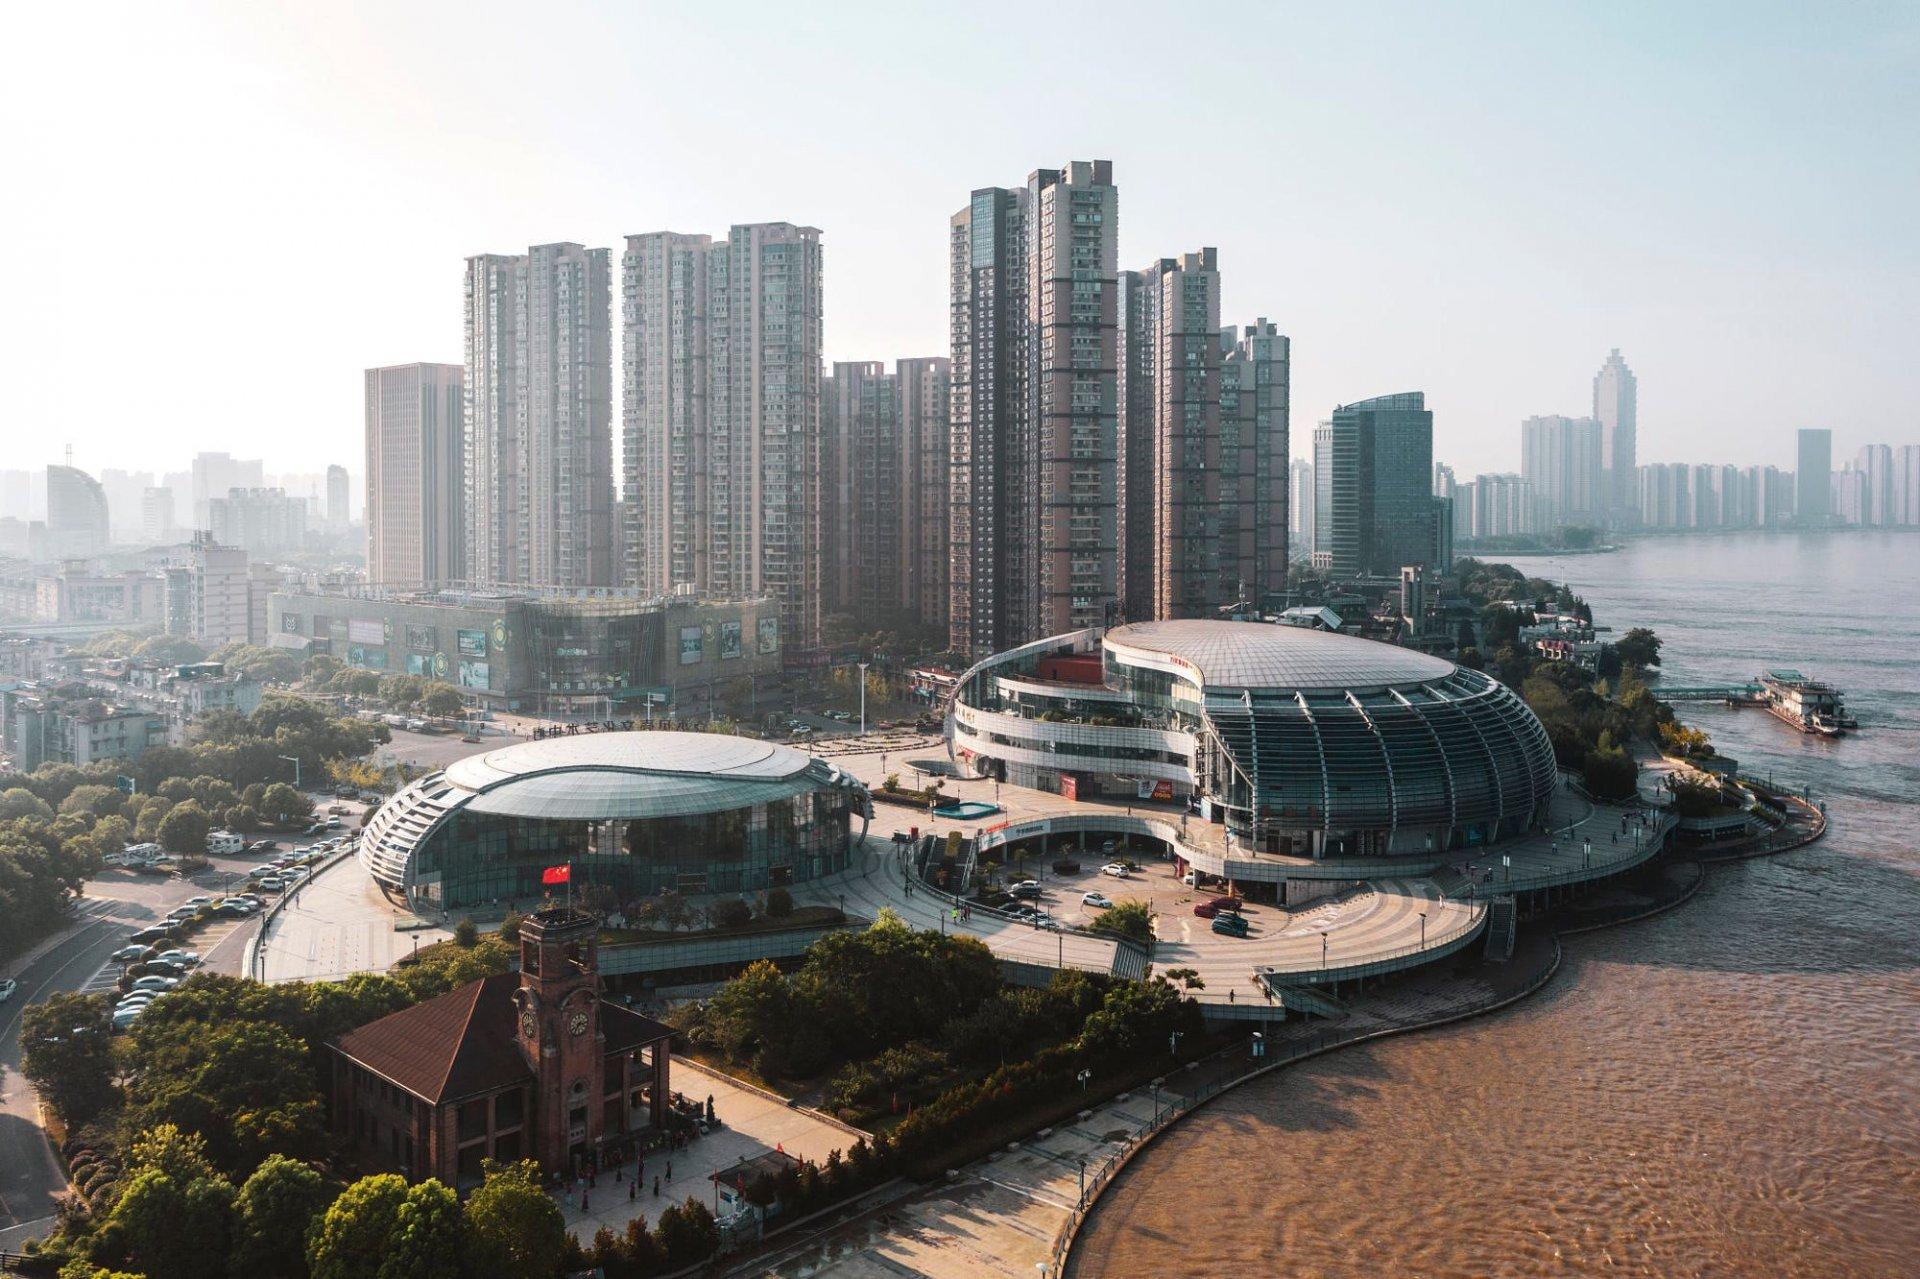 Хятадын Вуху хотод Хэлний бэлтгэлд 100% тэтгэлэгтэй сурах хөтөлбөр